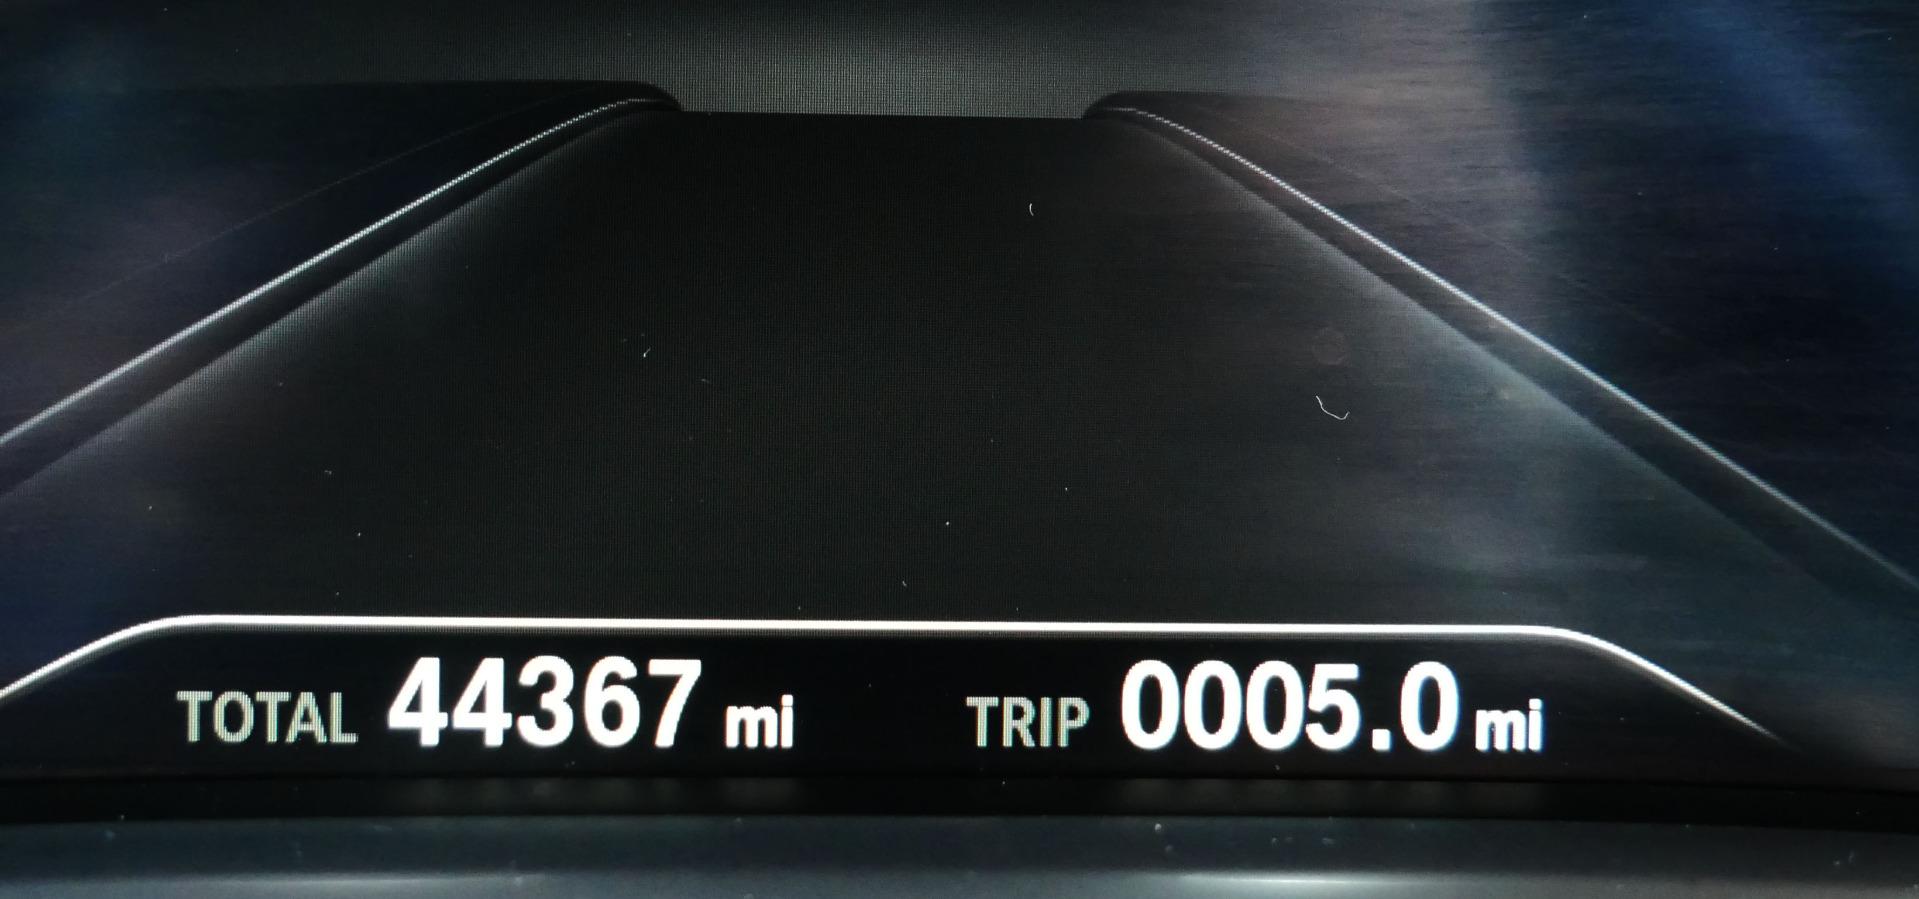 Used 2018 Bmw 7 Series 750i Xdrive Marietta Ga